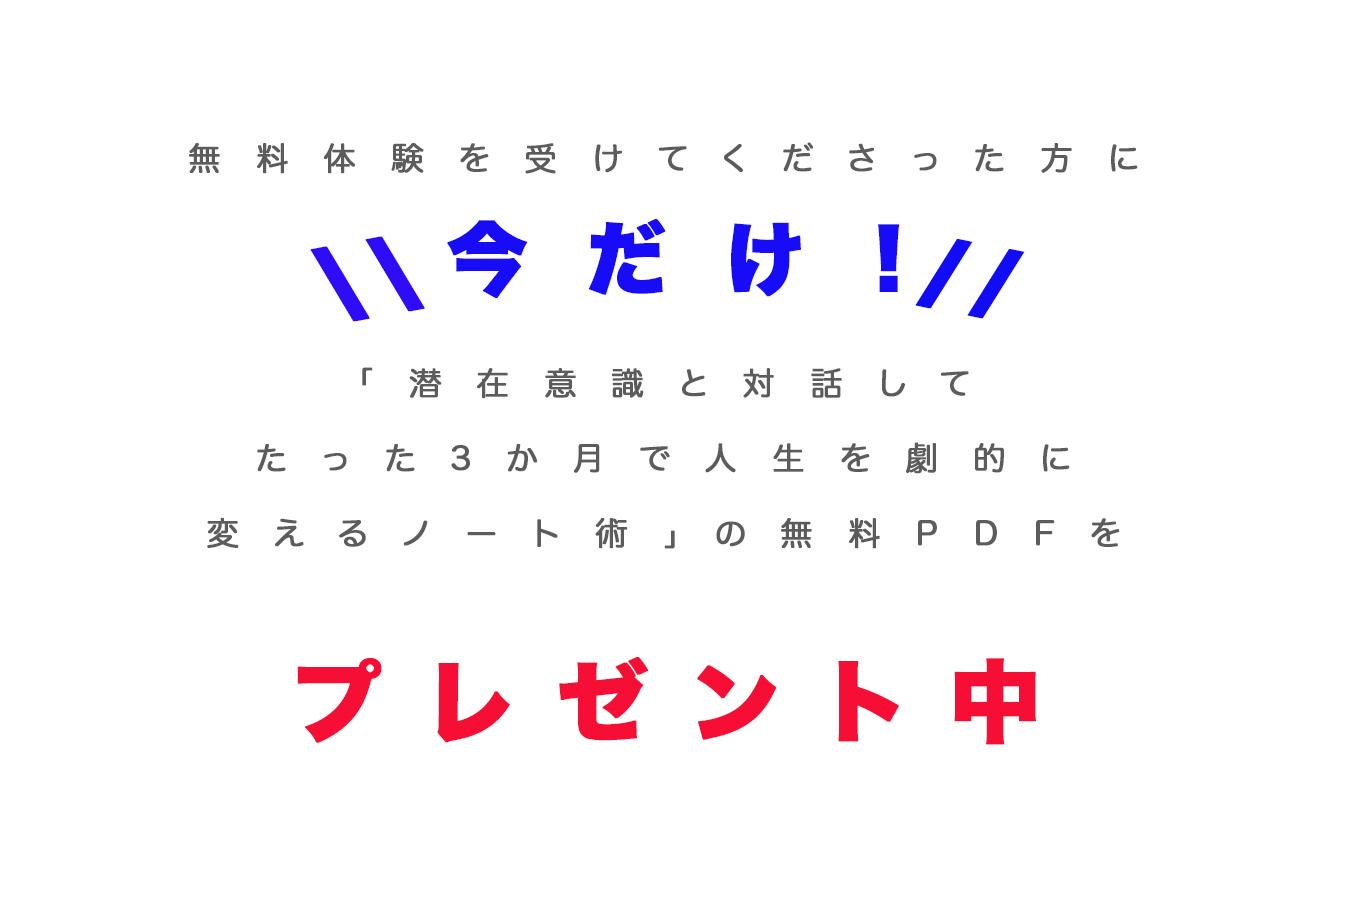 1:ko-tiyouseikouza